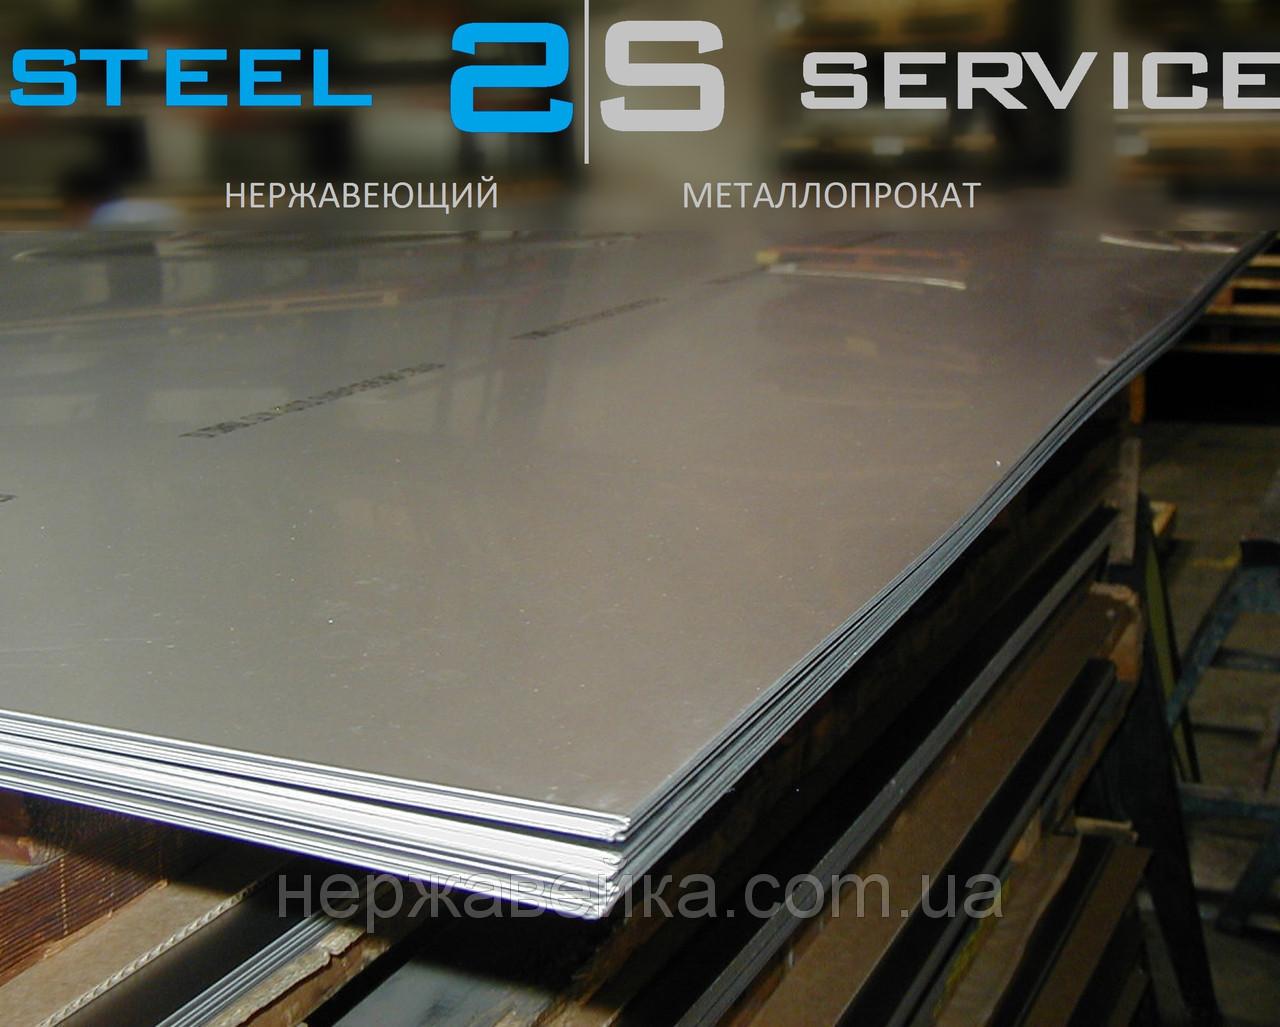 Нержавейка лист 0,8х1000х2000мм AISI 430(12Х17) 4N - шлифованный, технический